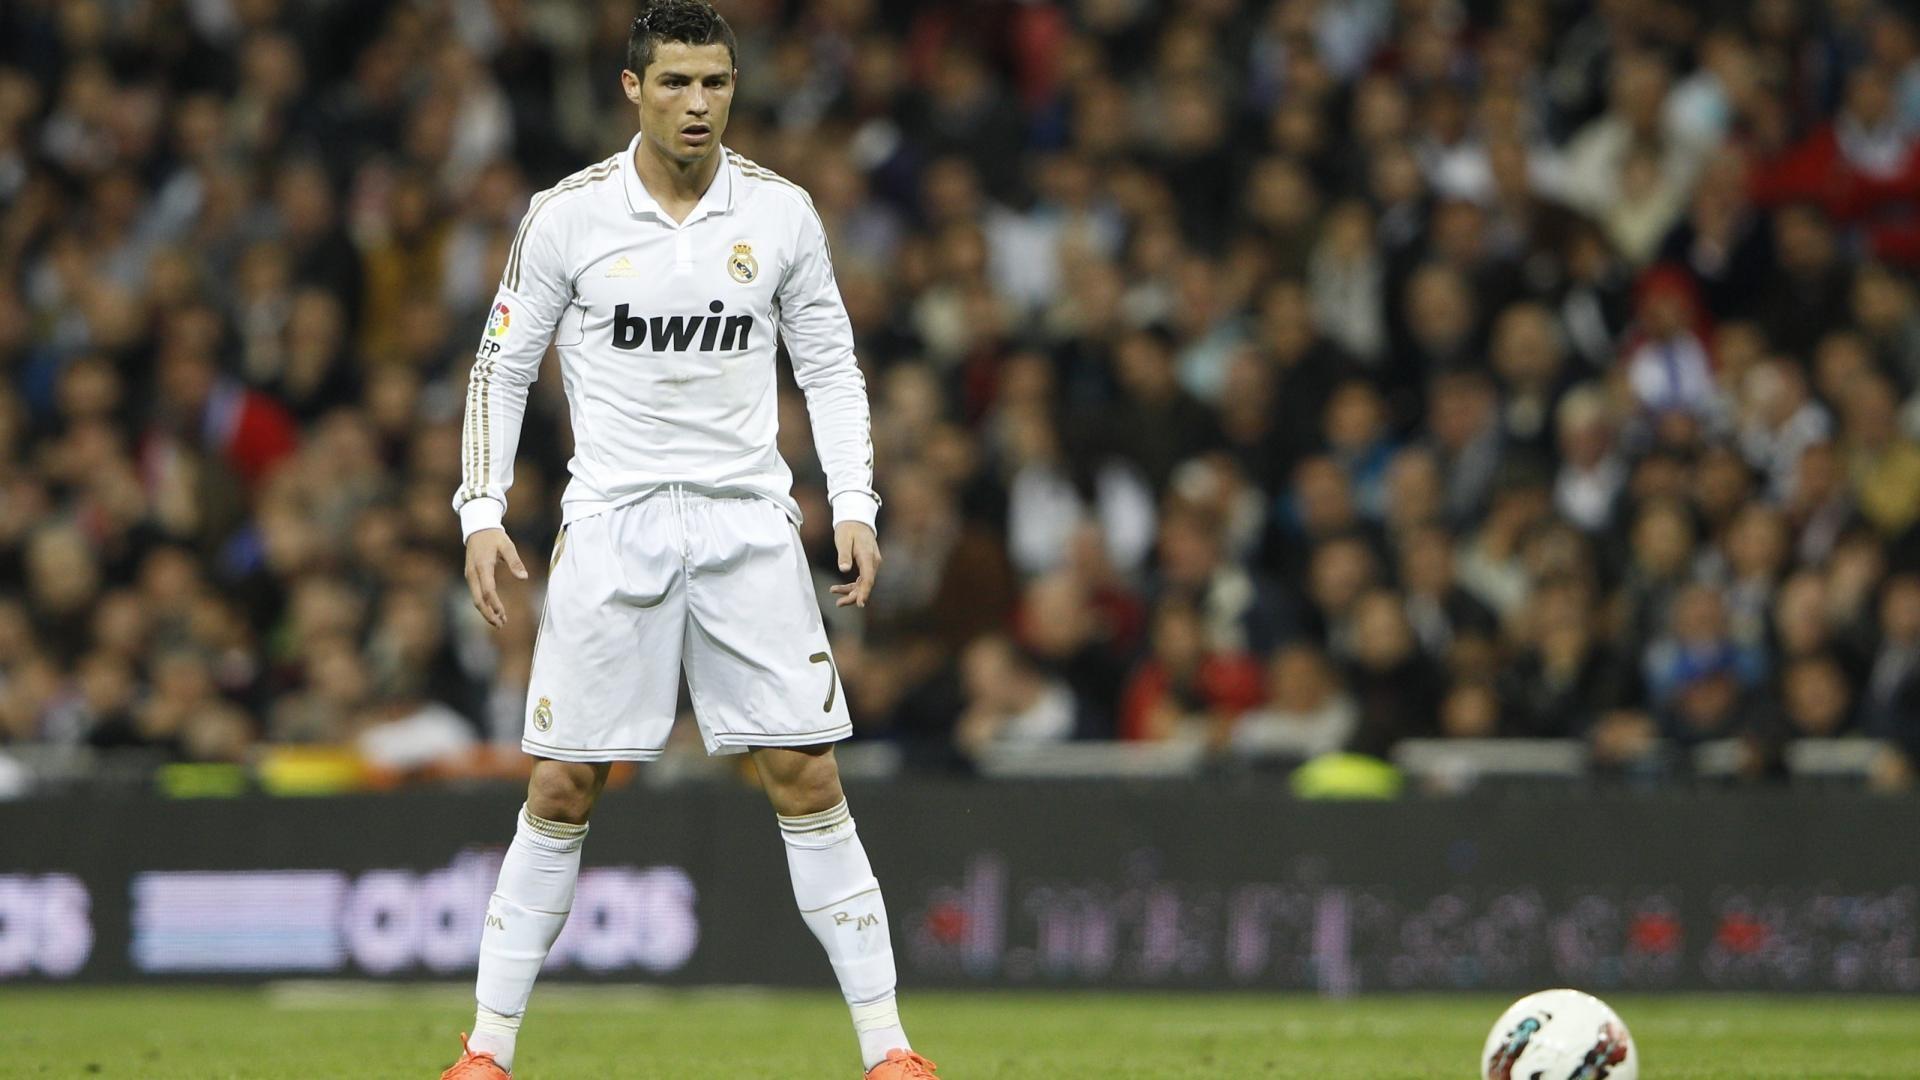 Footballer 2016 Cristiano Ronaldo Wallpaper   cr7 2   Pinterest   Ronaldo, Cristiano  ronaldo and Wallpaper